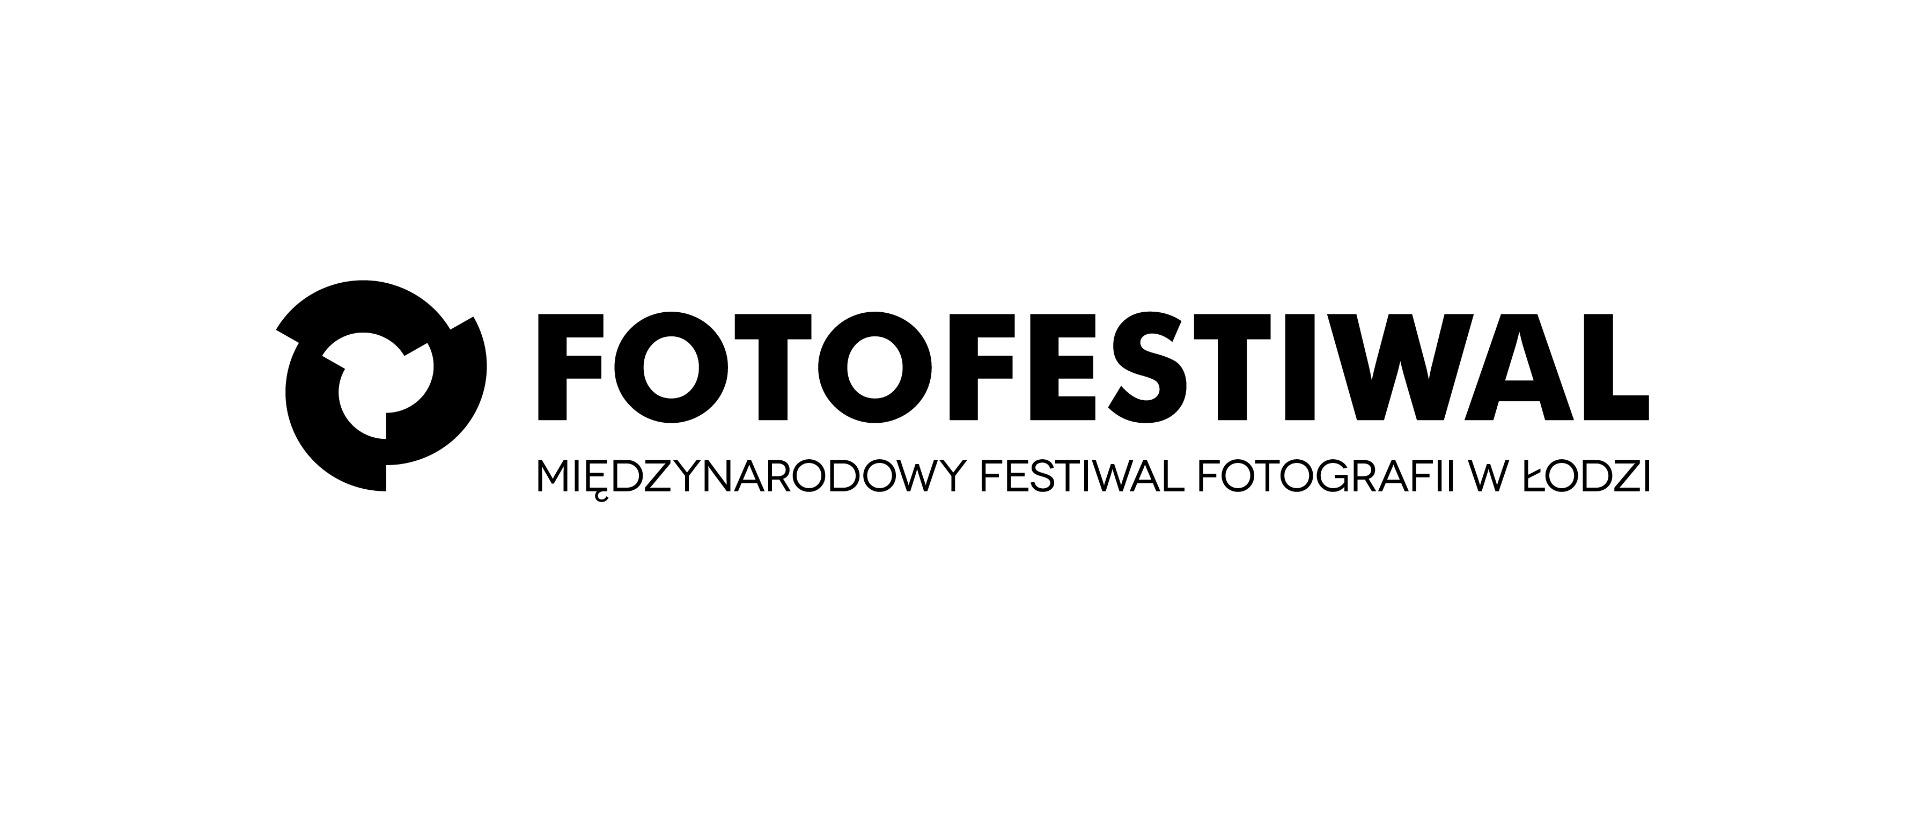 Logo, czarny napis na białym tle: fotofestiwal, międzynarodowy festiwal fotografii w Łodzi